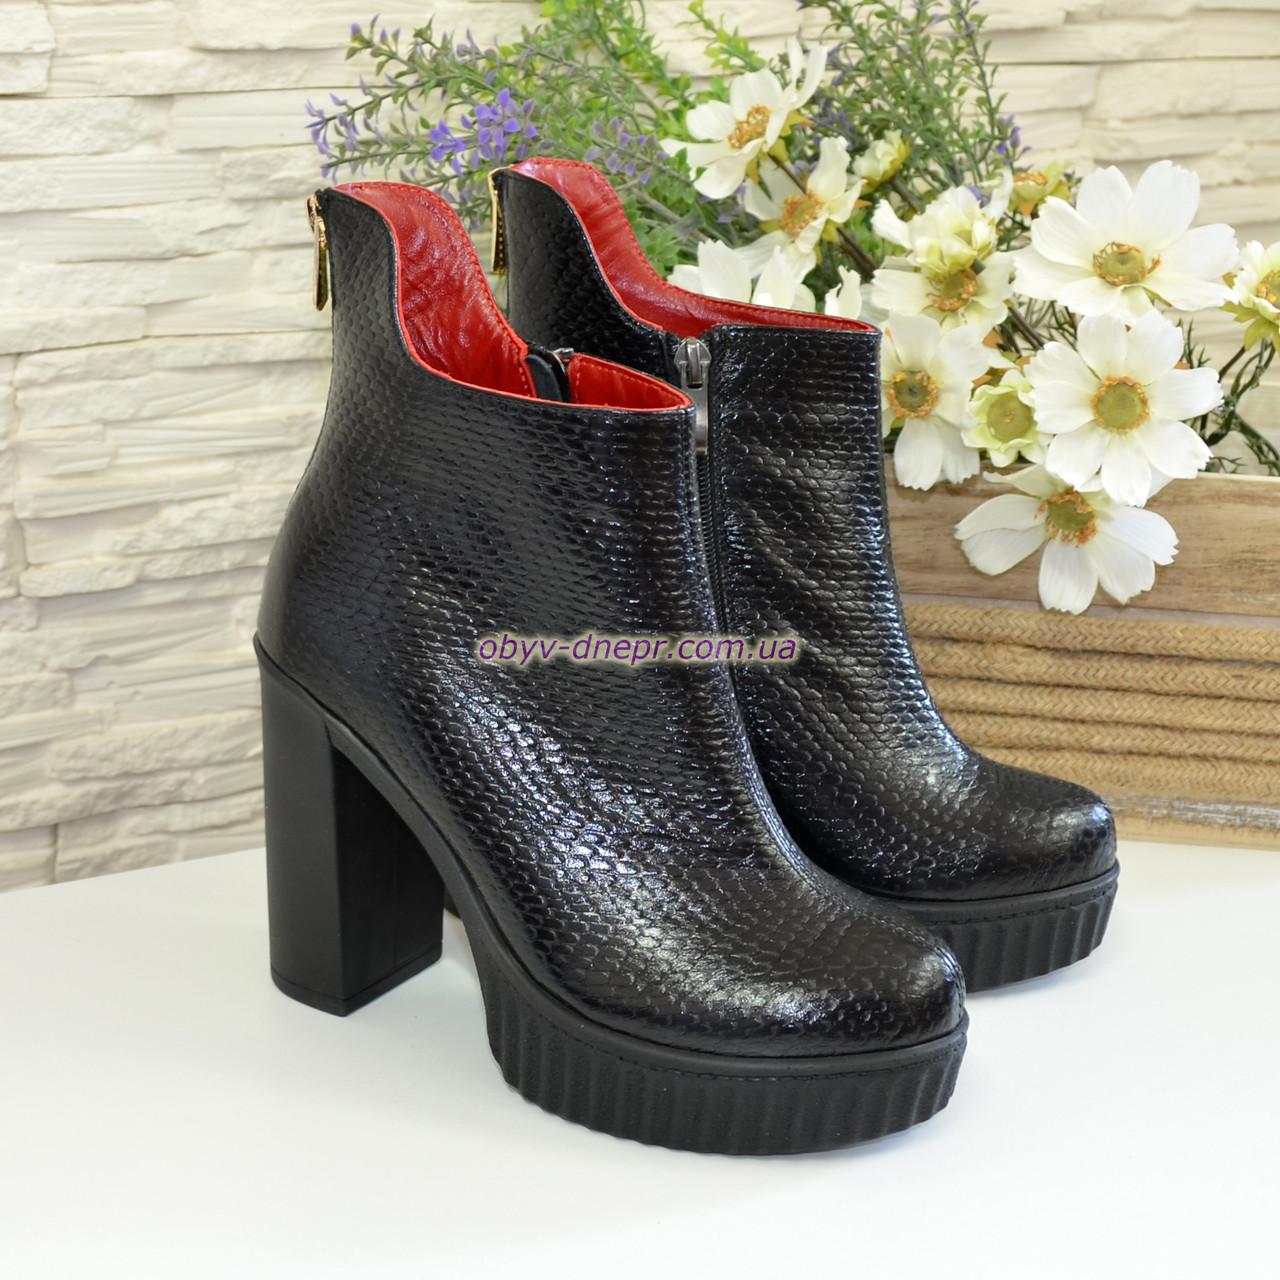 Ботинки кожаные женские зимние на высоком каблуке, декорированы молнией